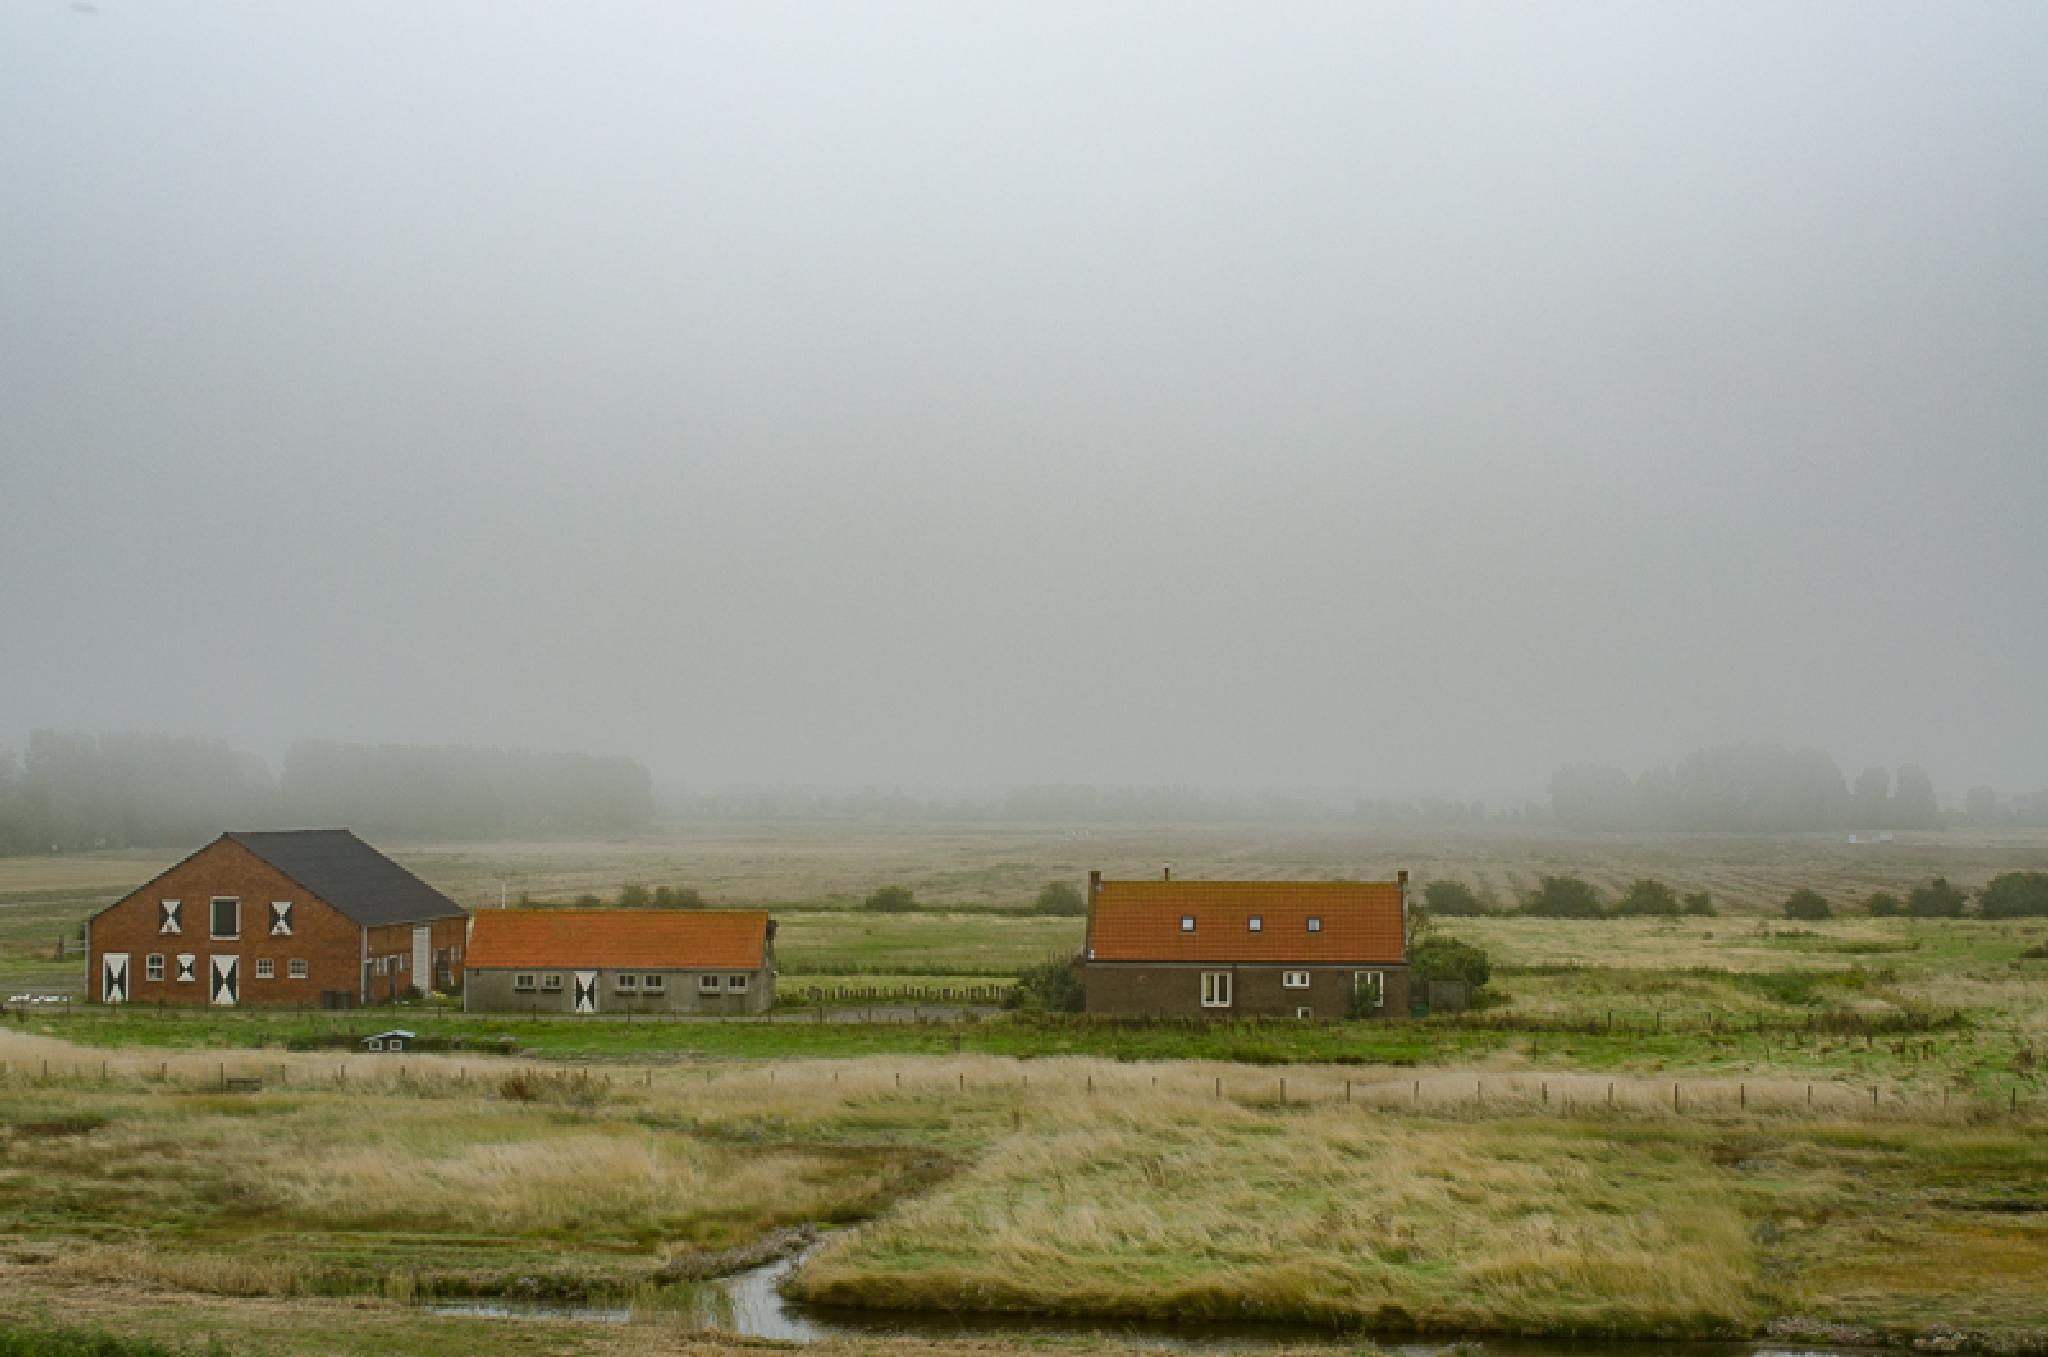 Dutch Farmhouse by exptown